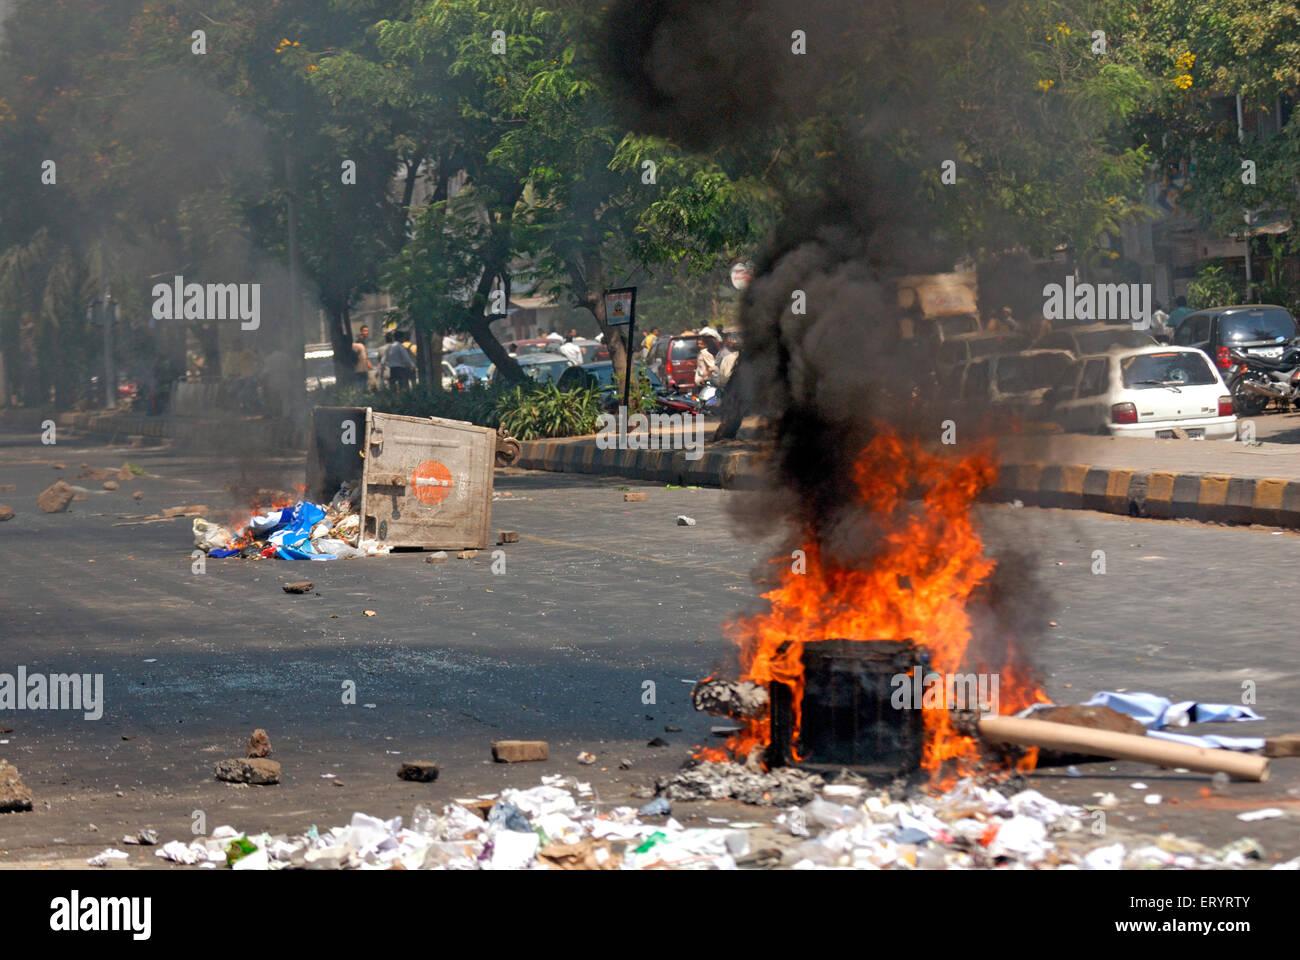 Violent protest burning garbage on road ; Bandra ; Bombay Mumbai ; Maharashtra ; India 21 October 2008 - Stock Image